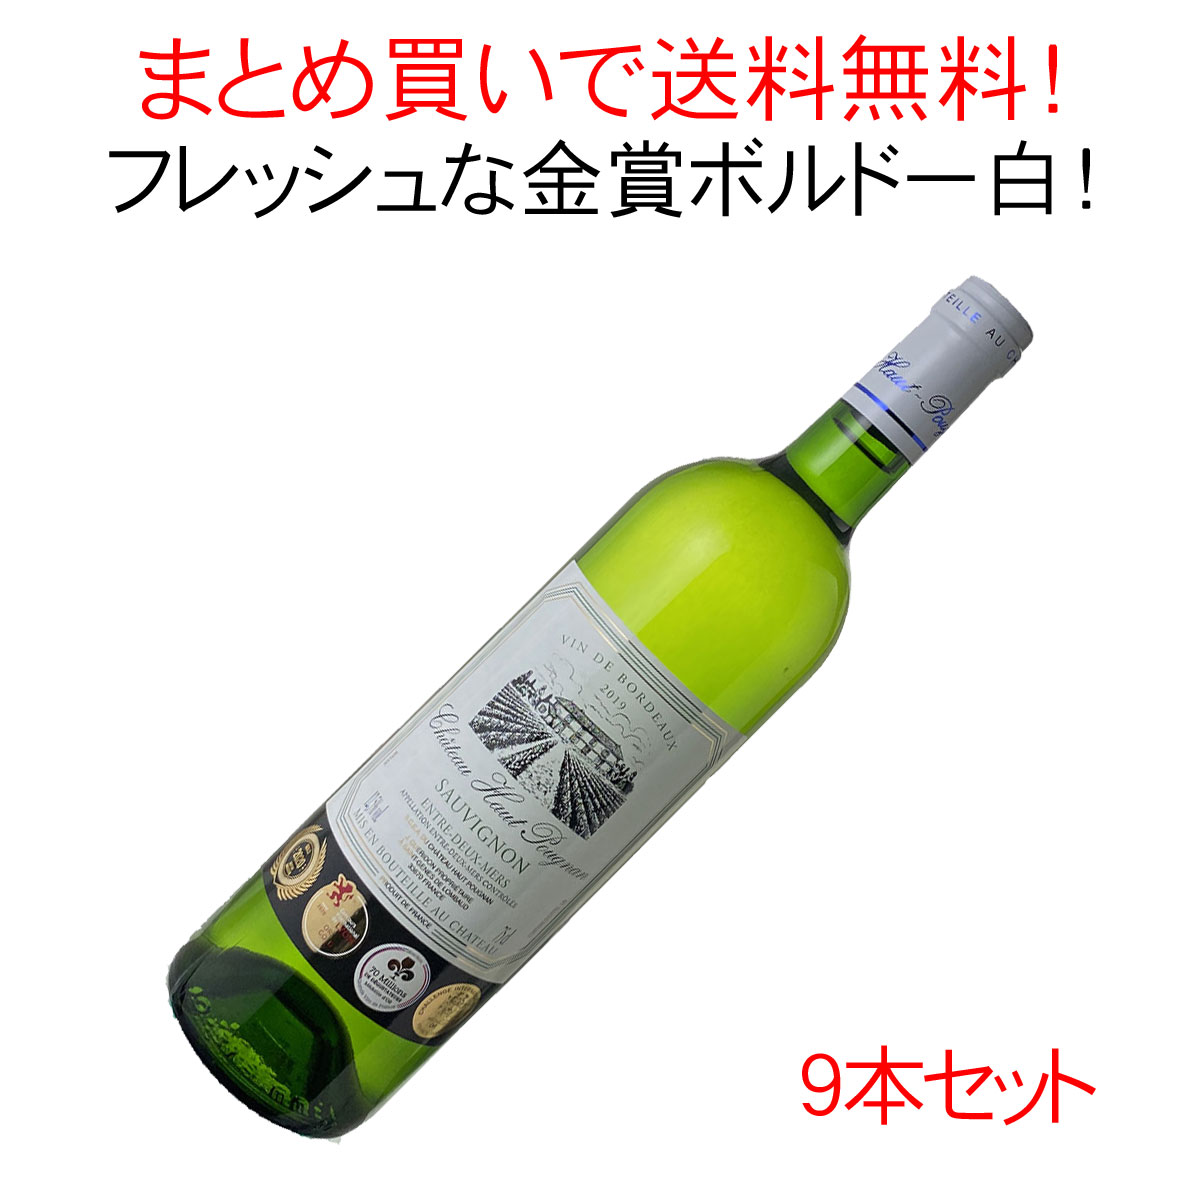 【送料無料】シャトー・オー・プーニャン [2019] 1ケース9本セット <ワイン/ボルドー>